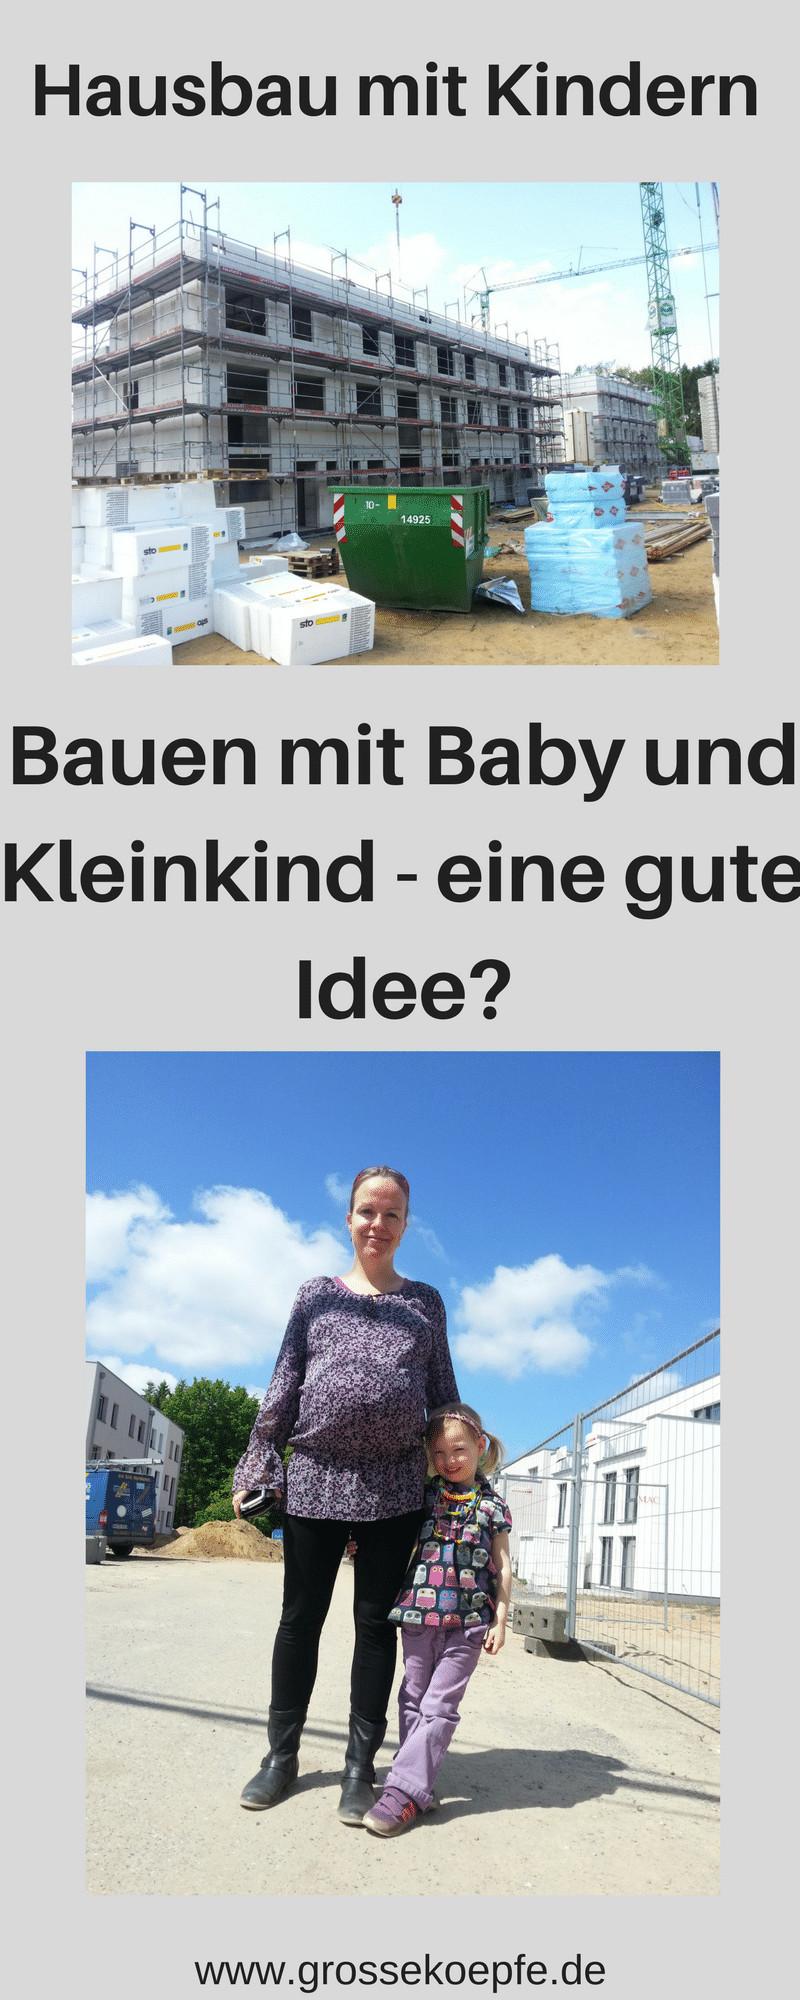 Hausbau schwanger und mit Kleinkind